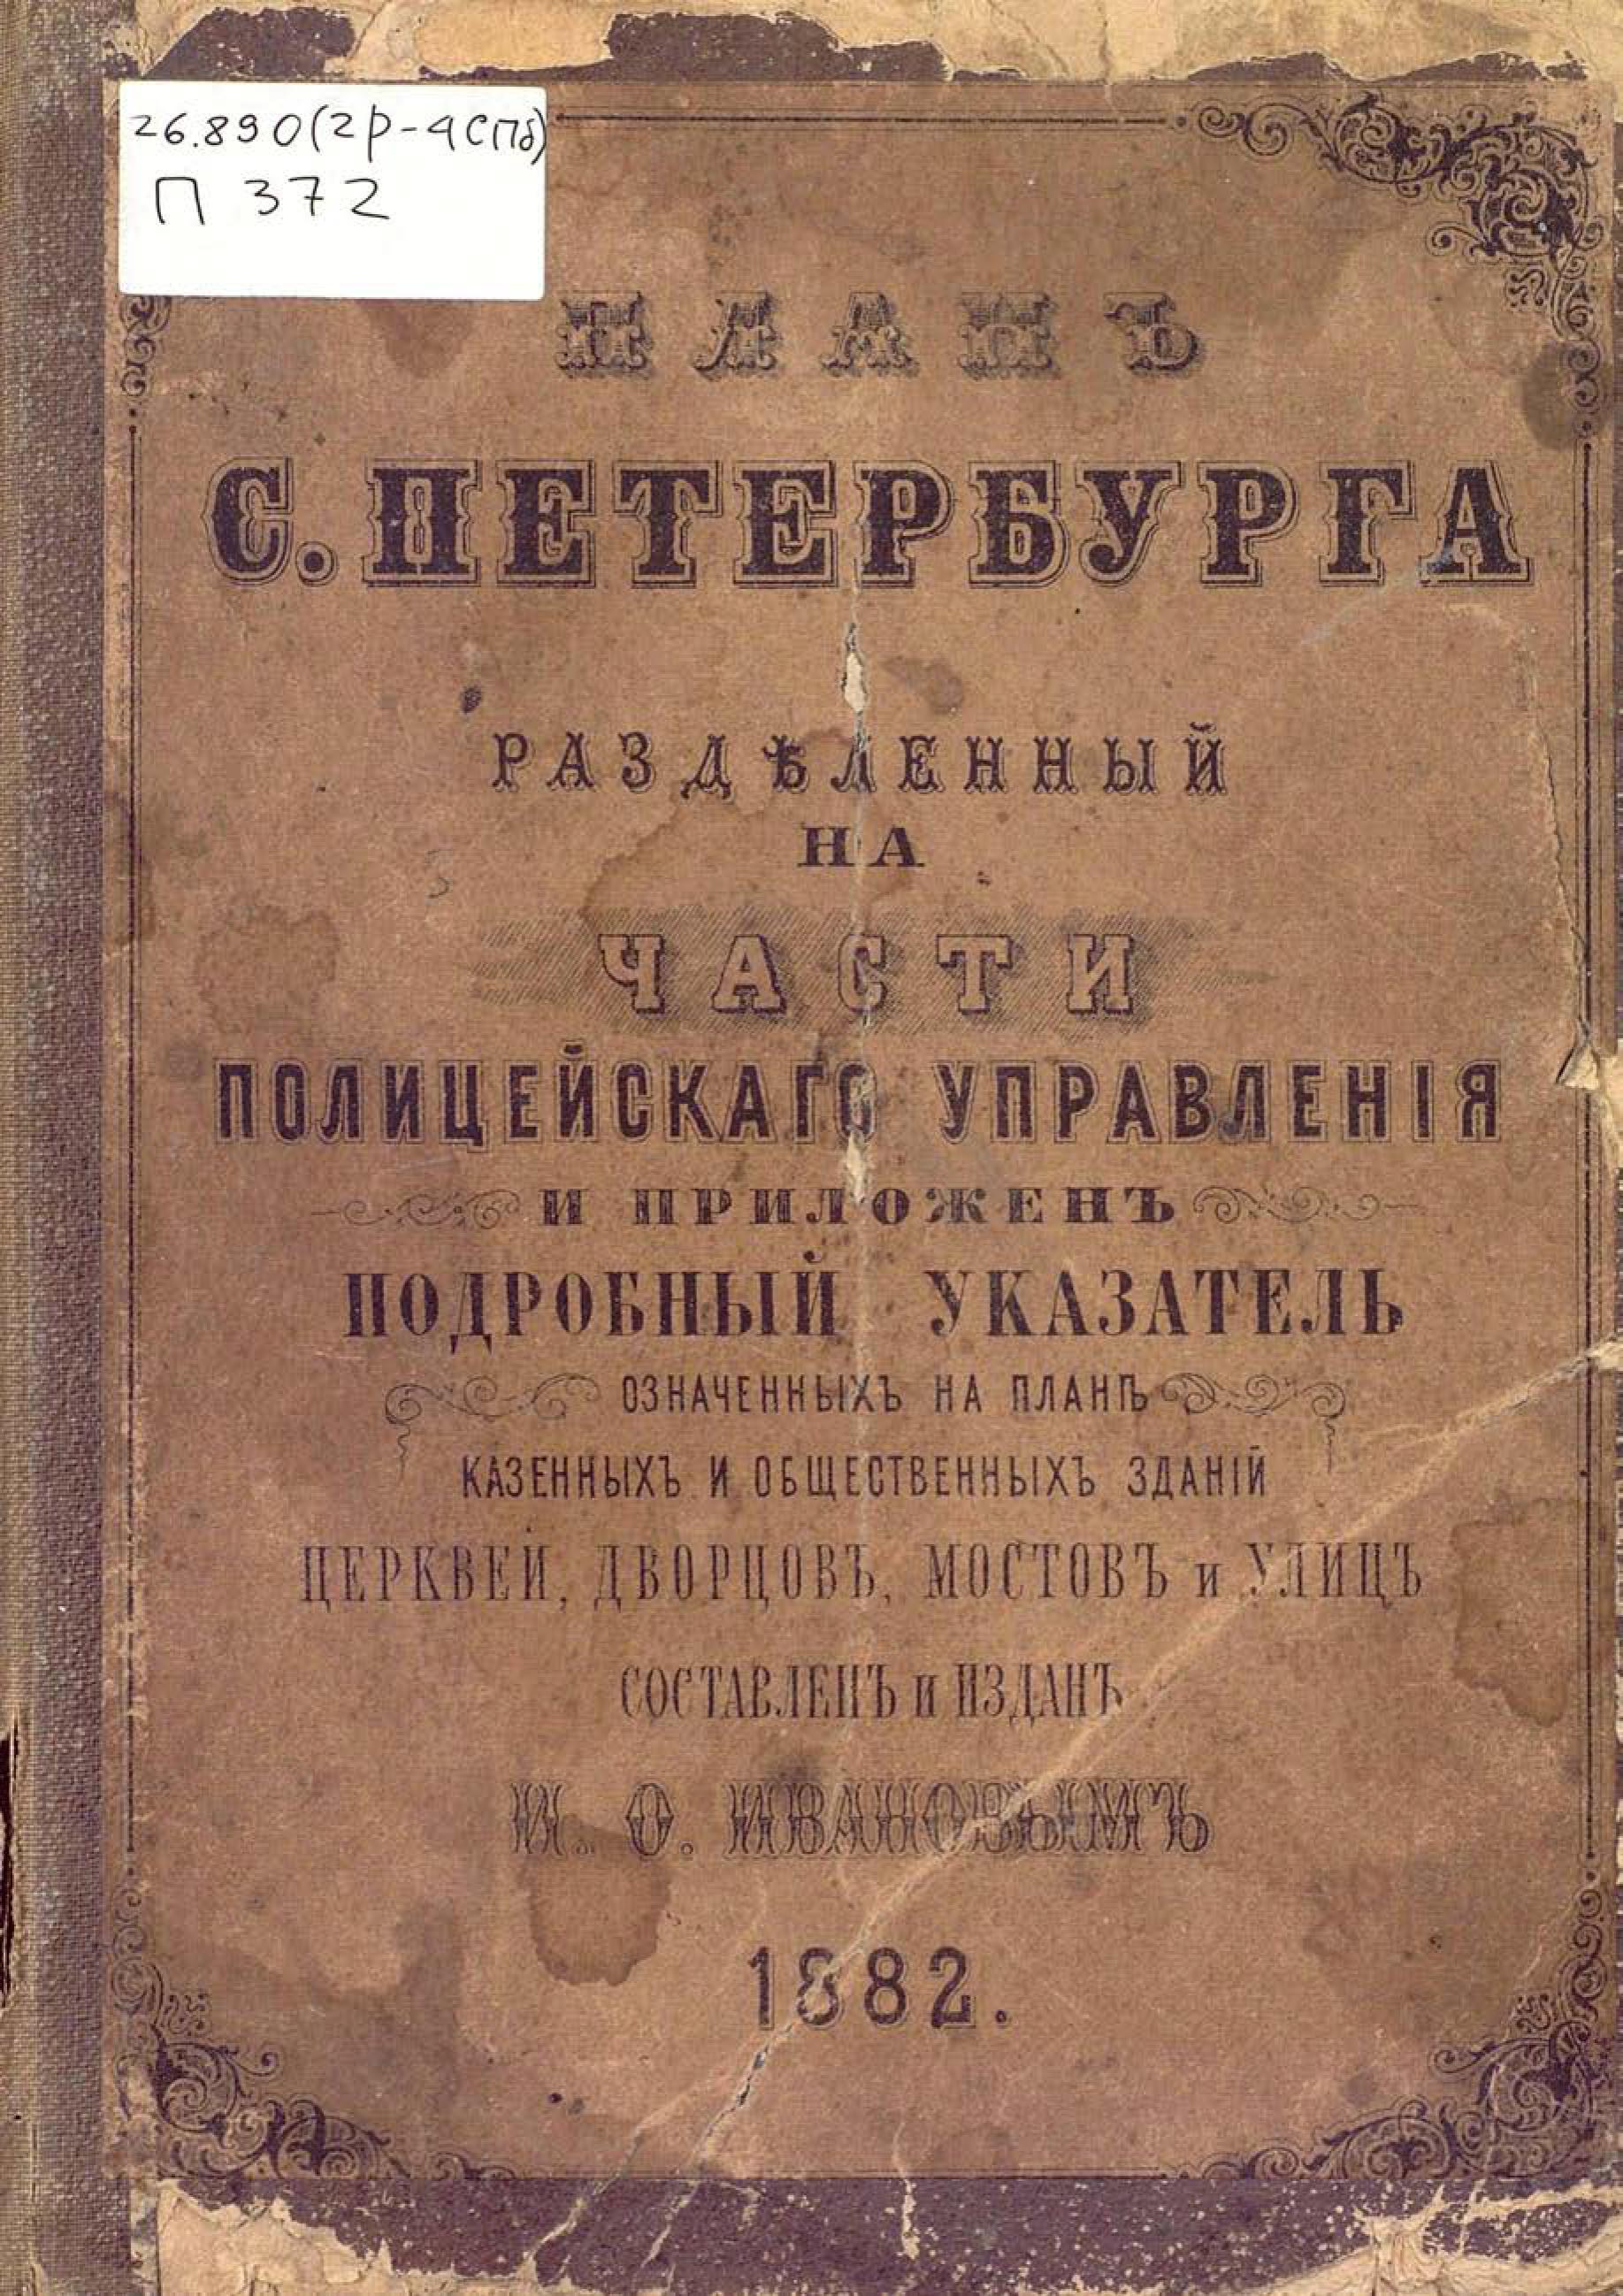 Коллектив авторов План С.-Петербурга, разделенный на части полицейского управления тарифный план